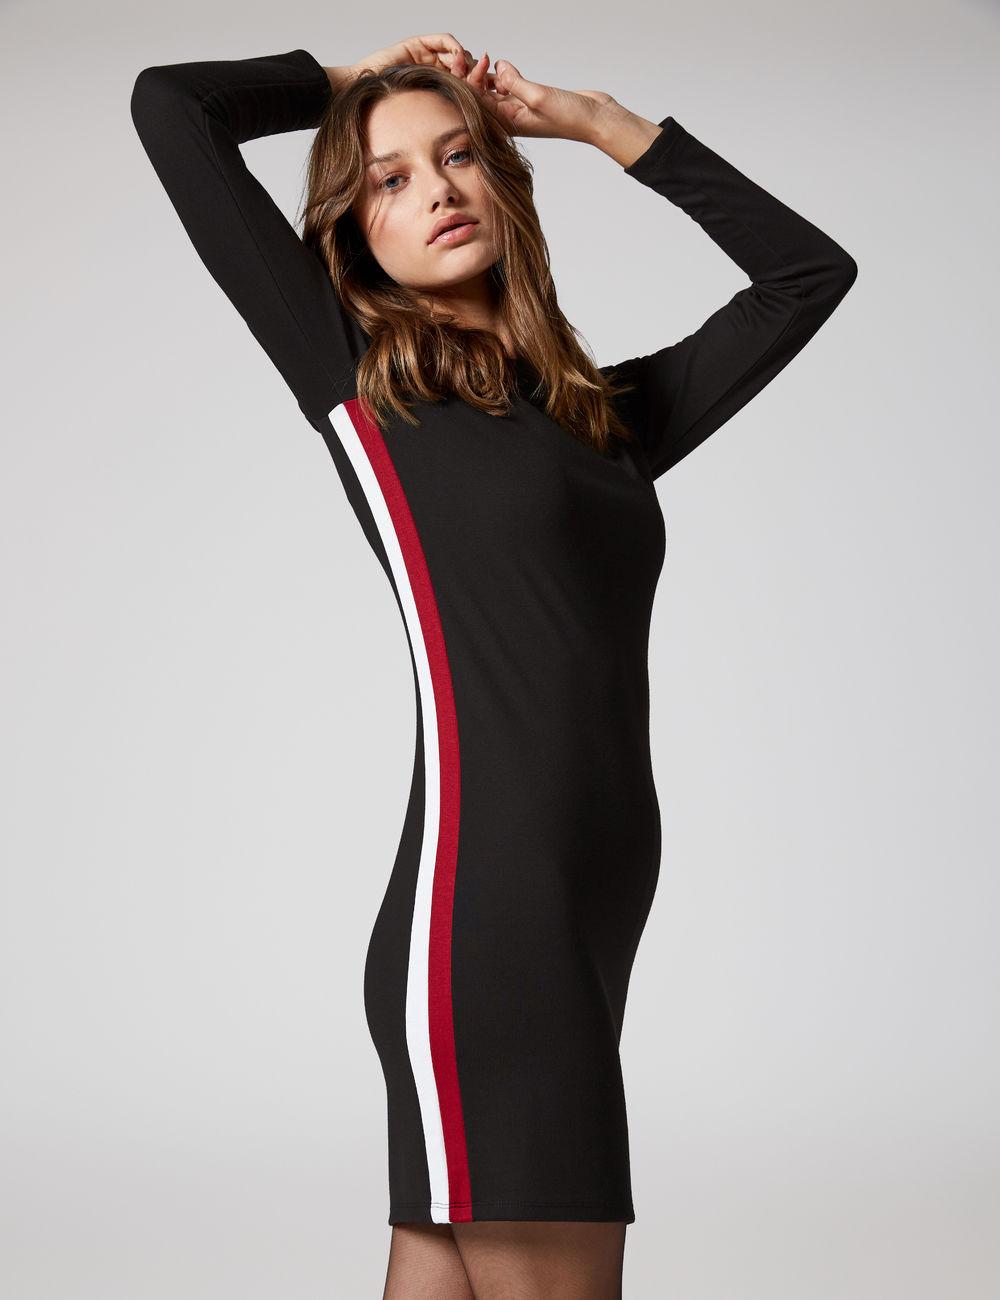 robe bandes côtés noire, bordeaux et écrue Jennyfer prix 15,99 €